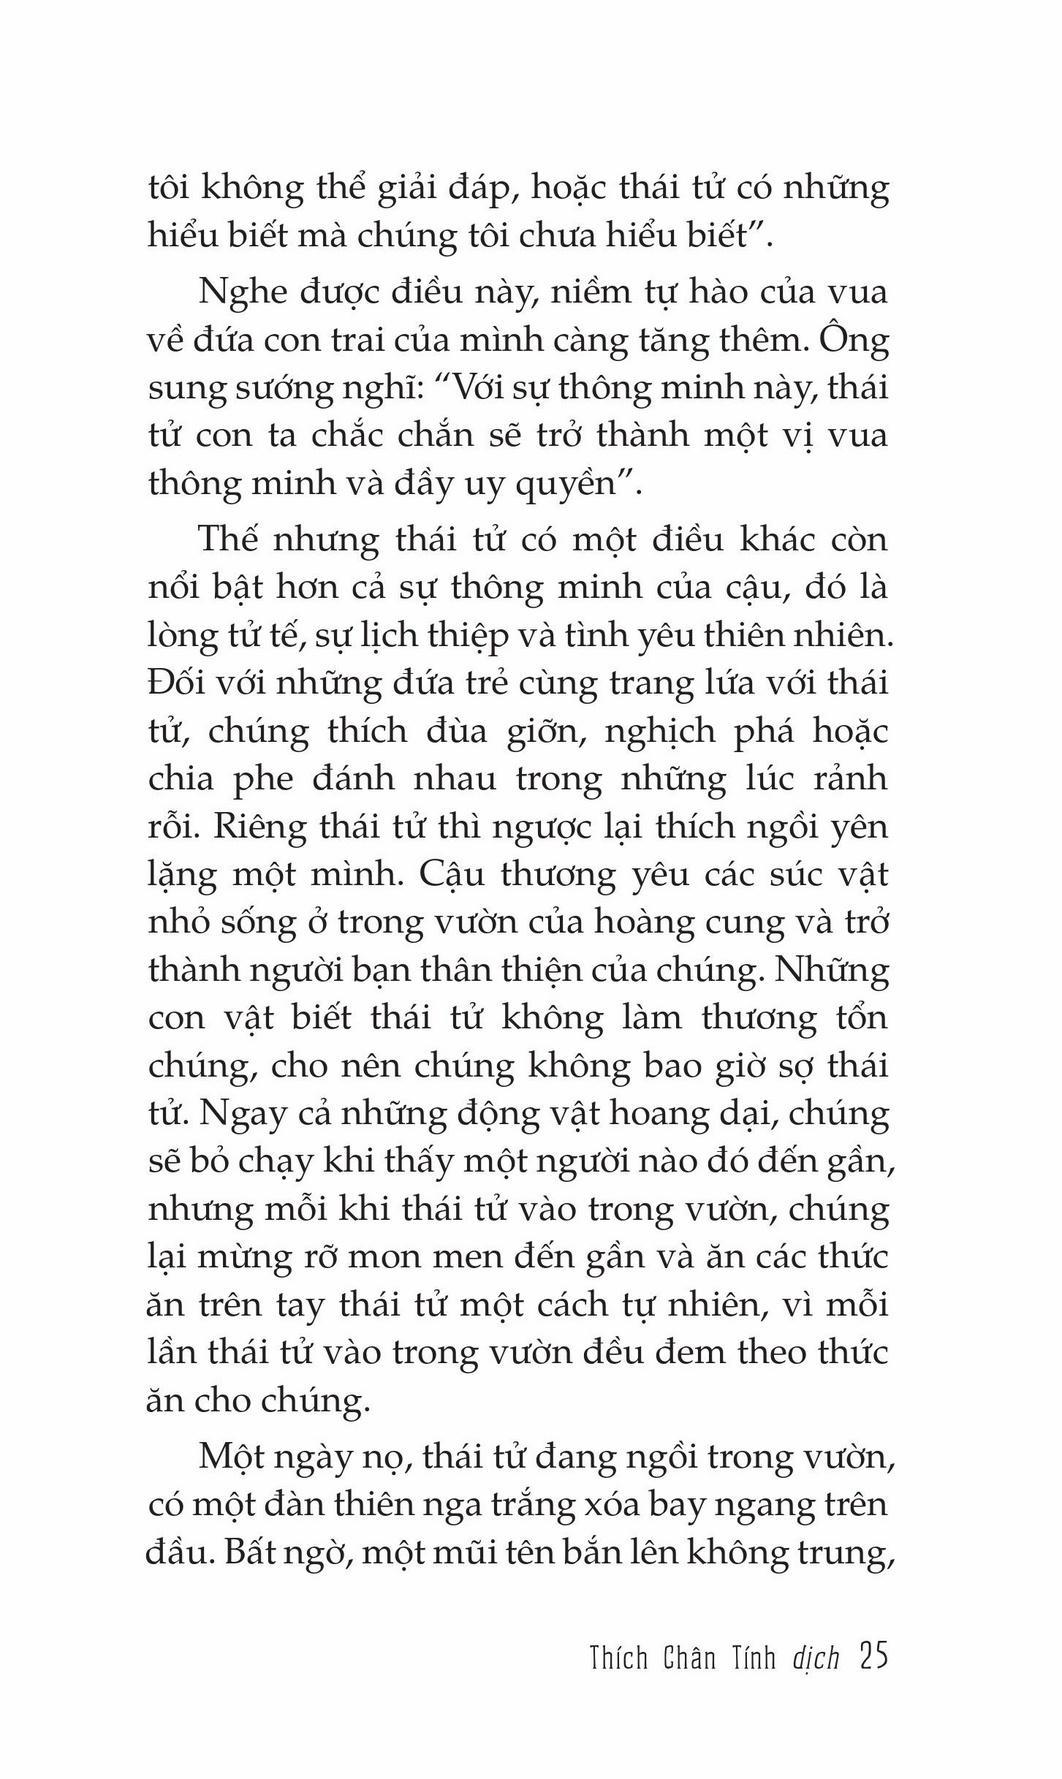 Lược Truyện Đức Phật Thích Ca